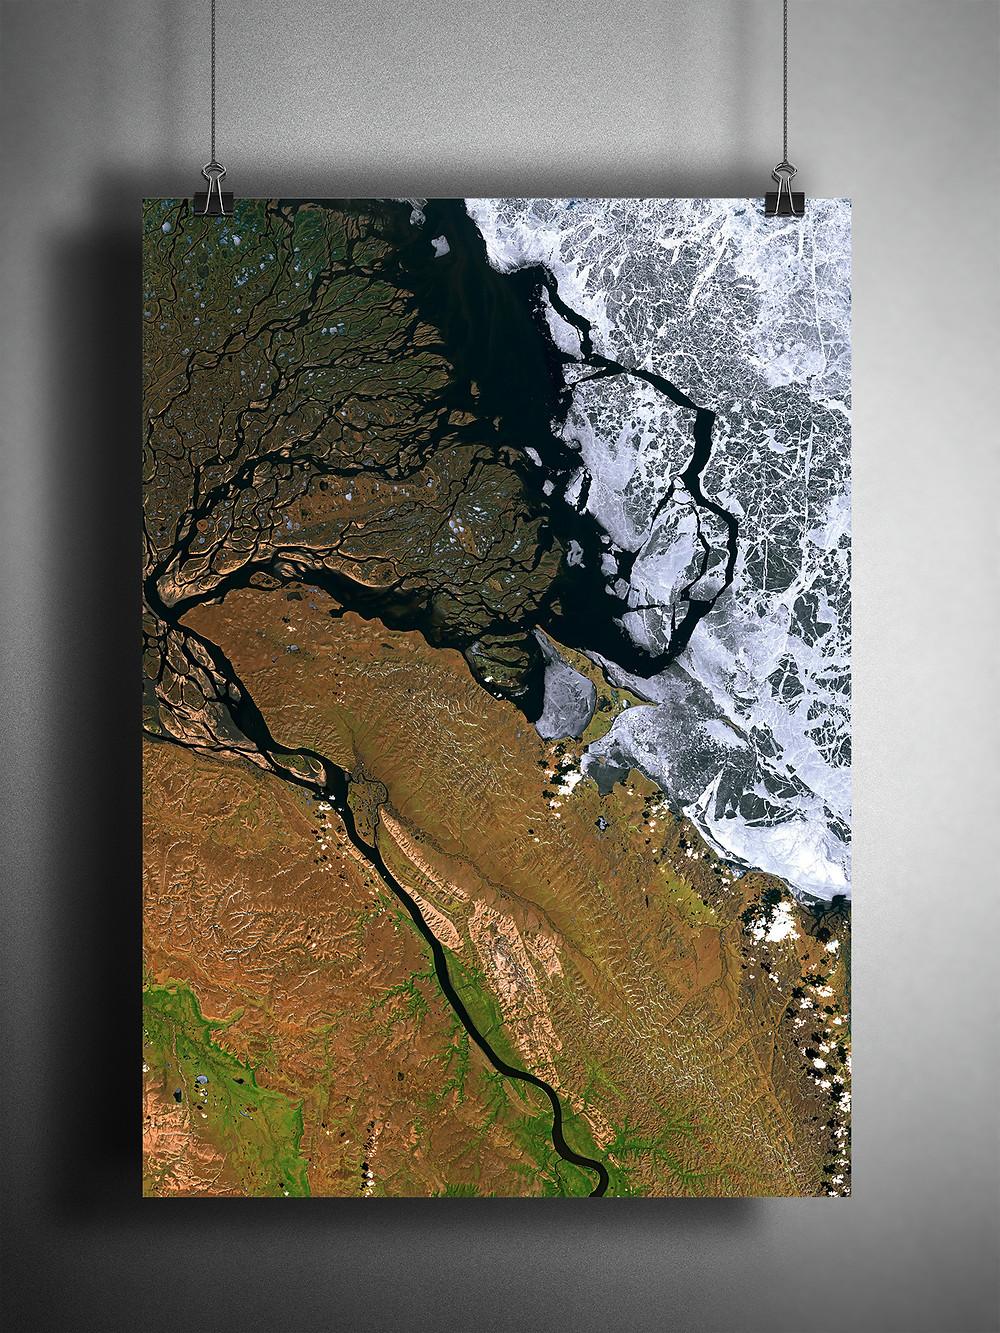 Poster of motif Lena River Delta